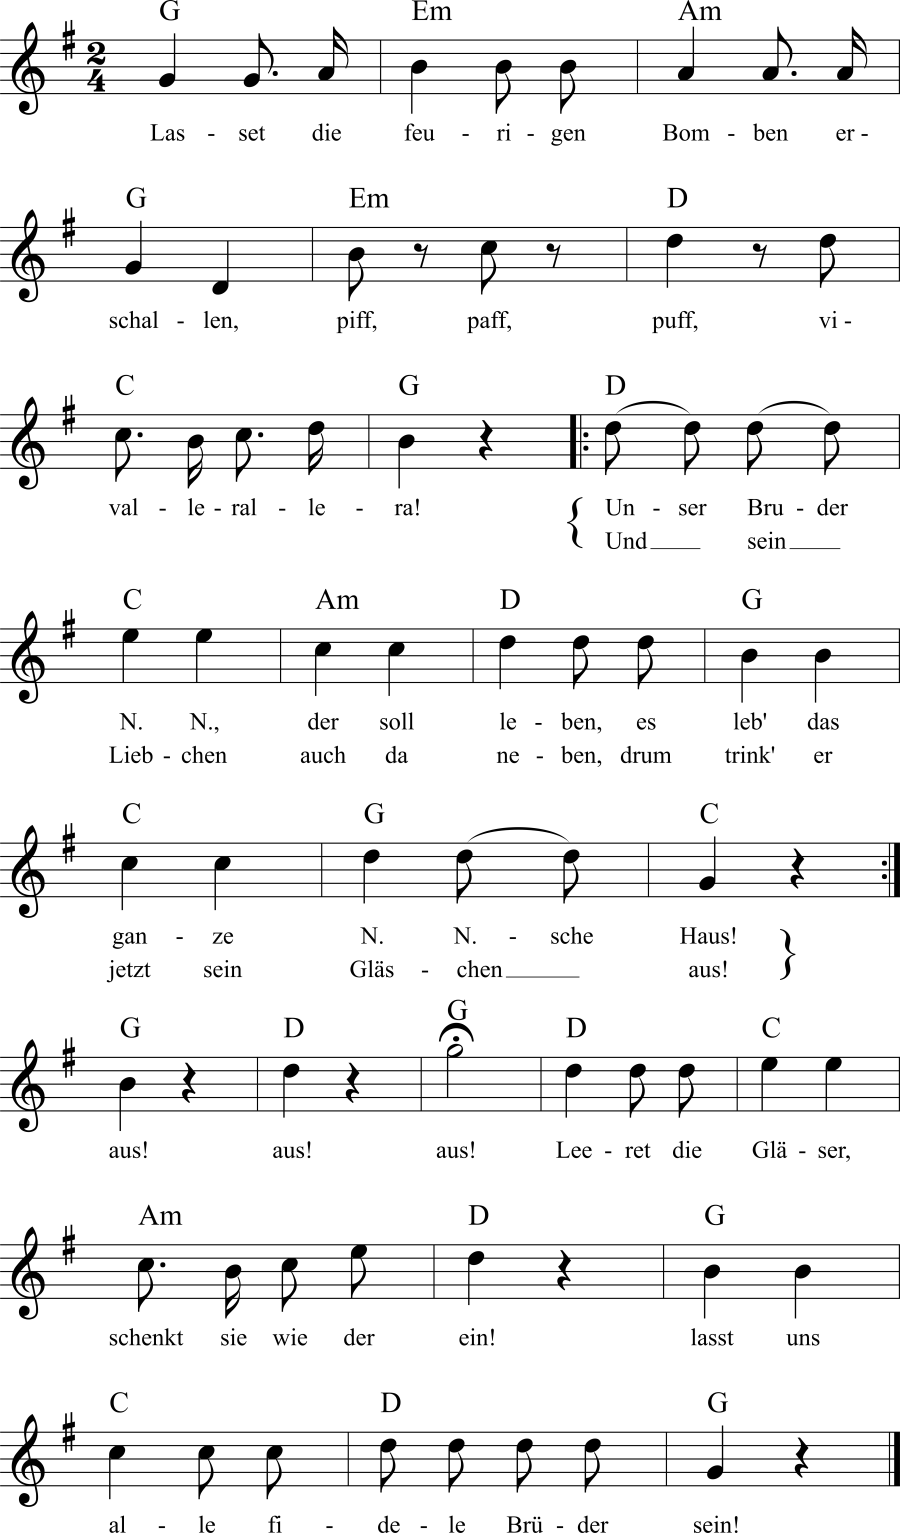 Musiknoten zum Lied Trinkspruch